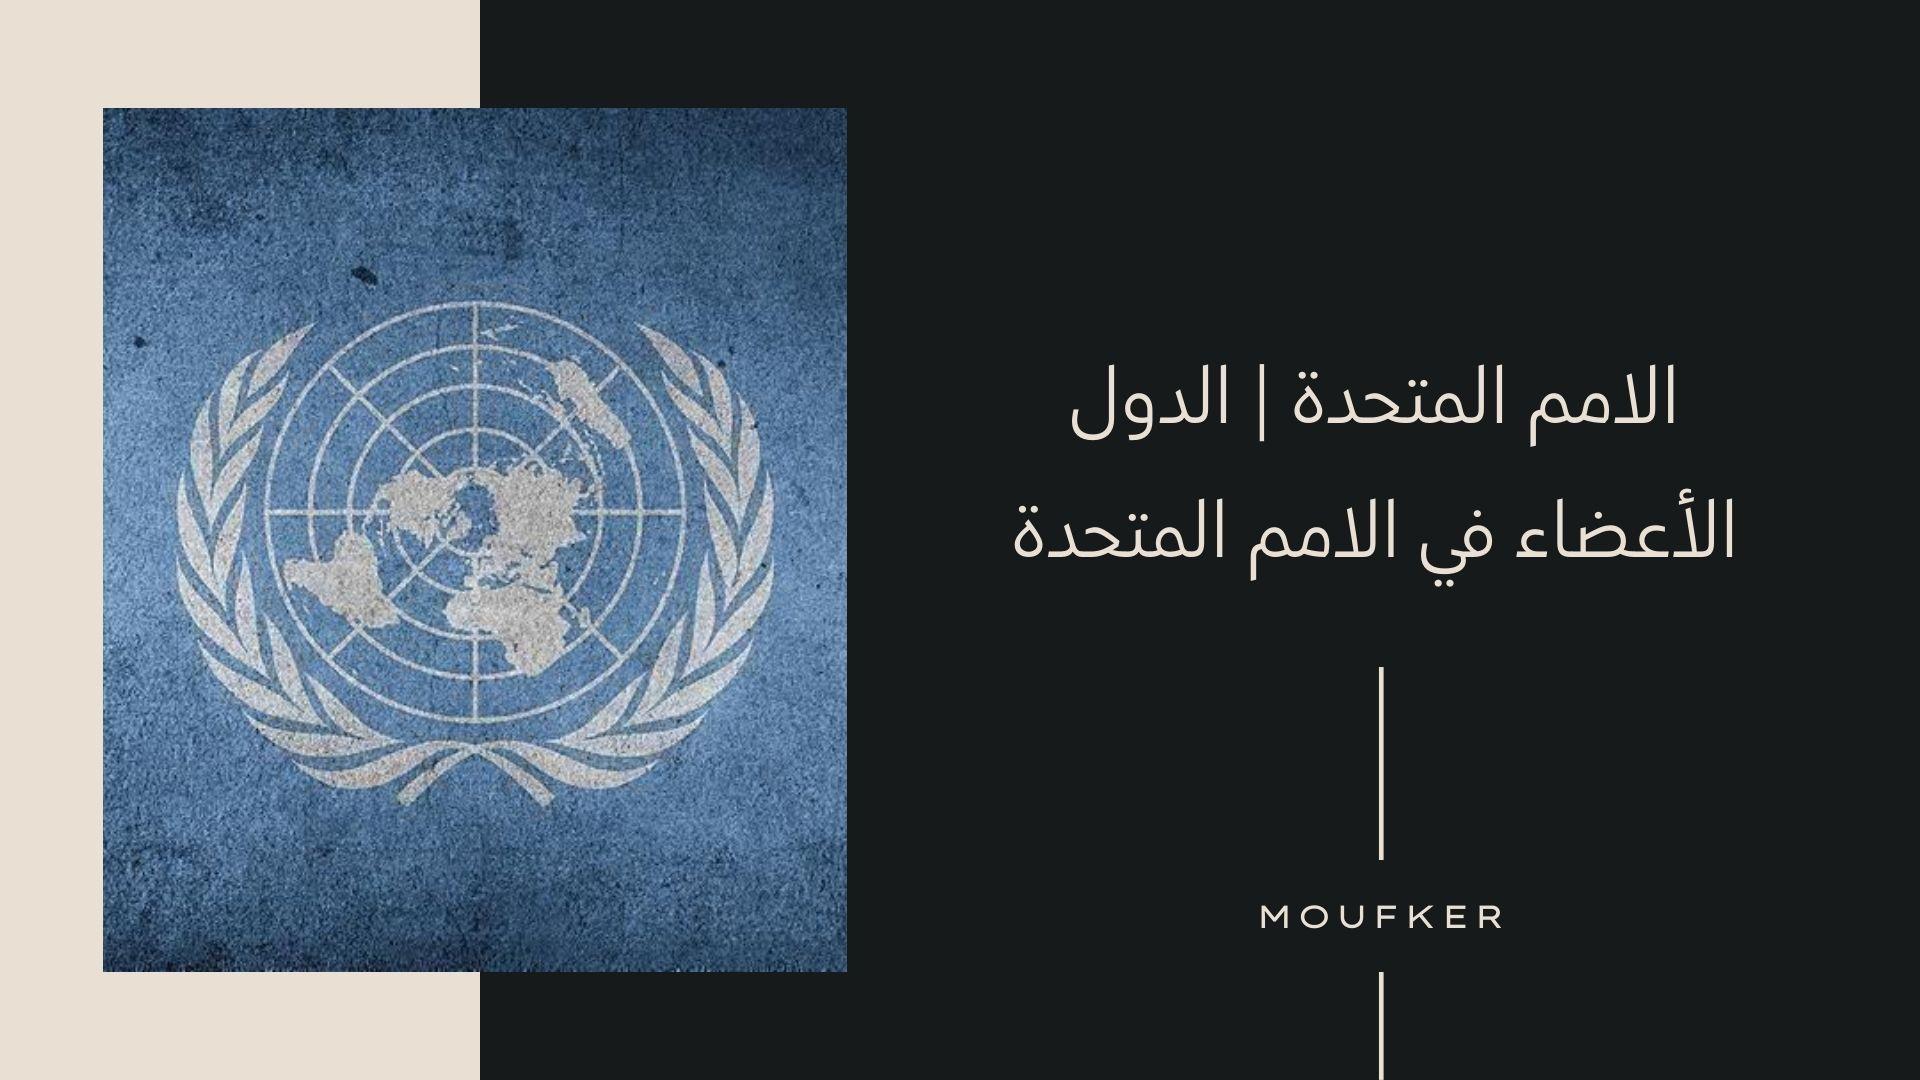 الامم المتحدة   الدول الأعضاء في الامم المتحدة